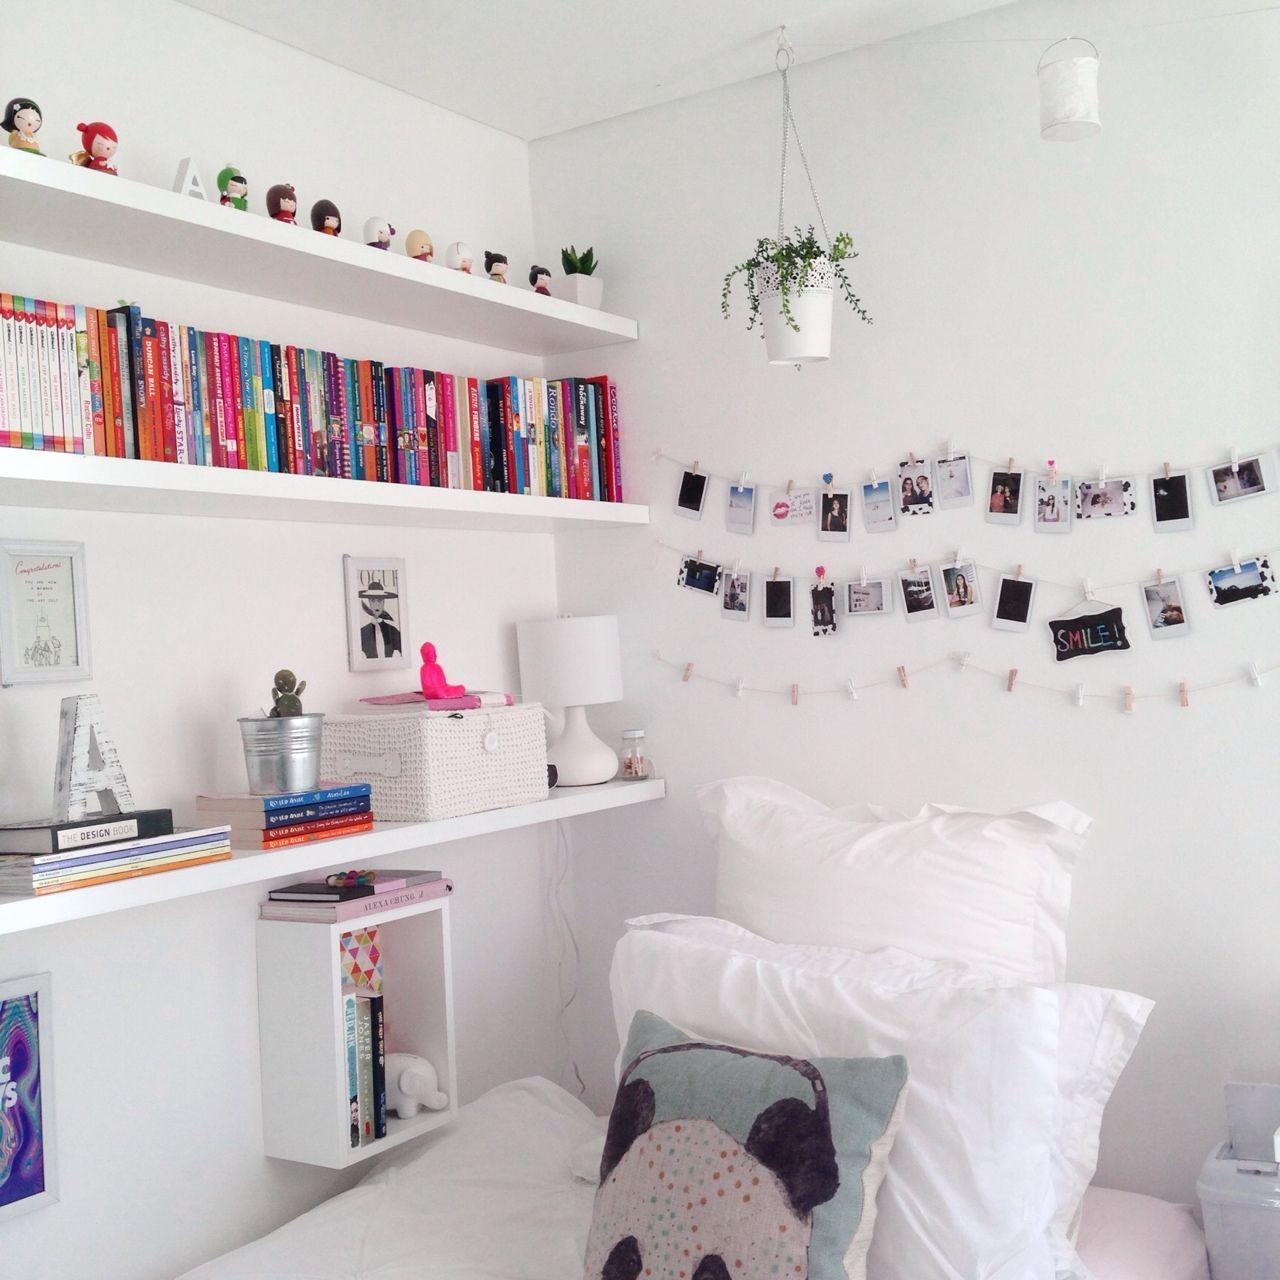 Tumblr Zimmer Deko mit Bildern und Büchern